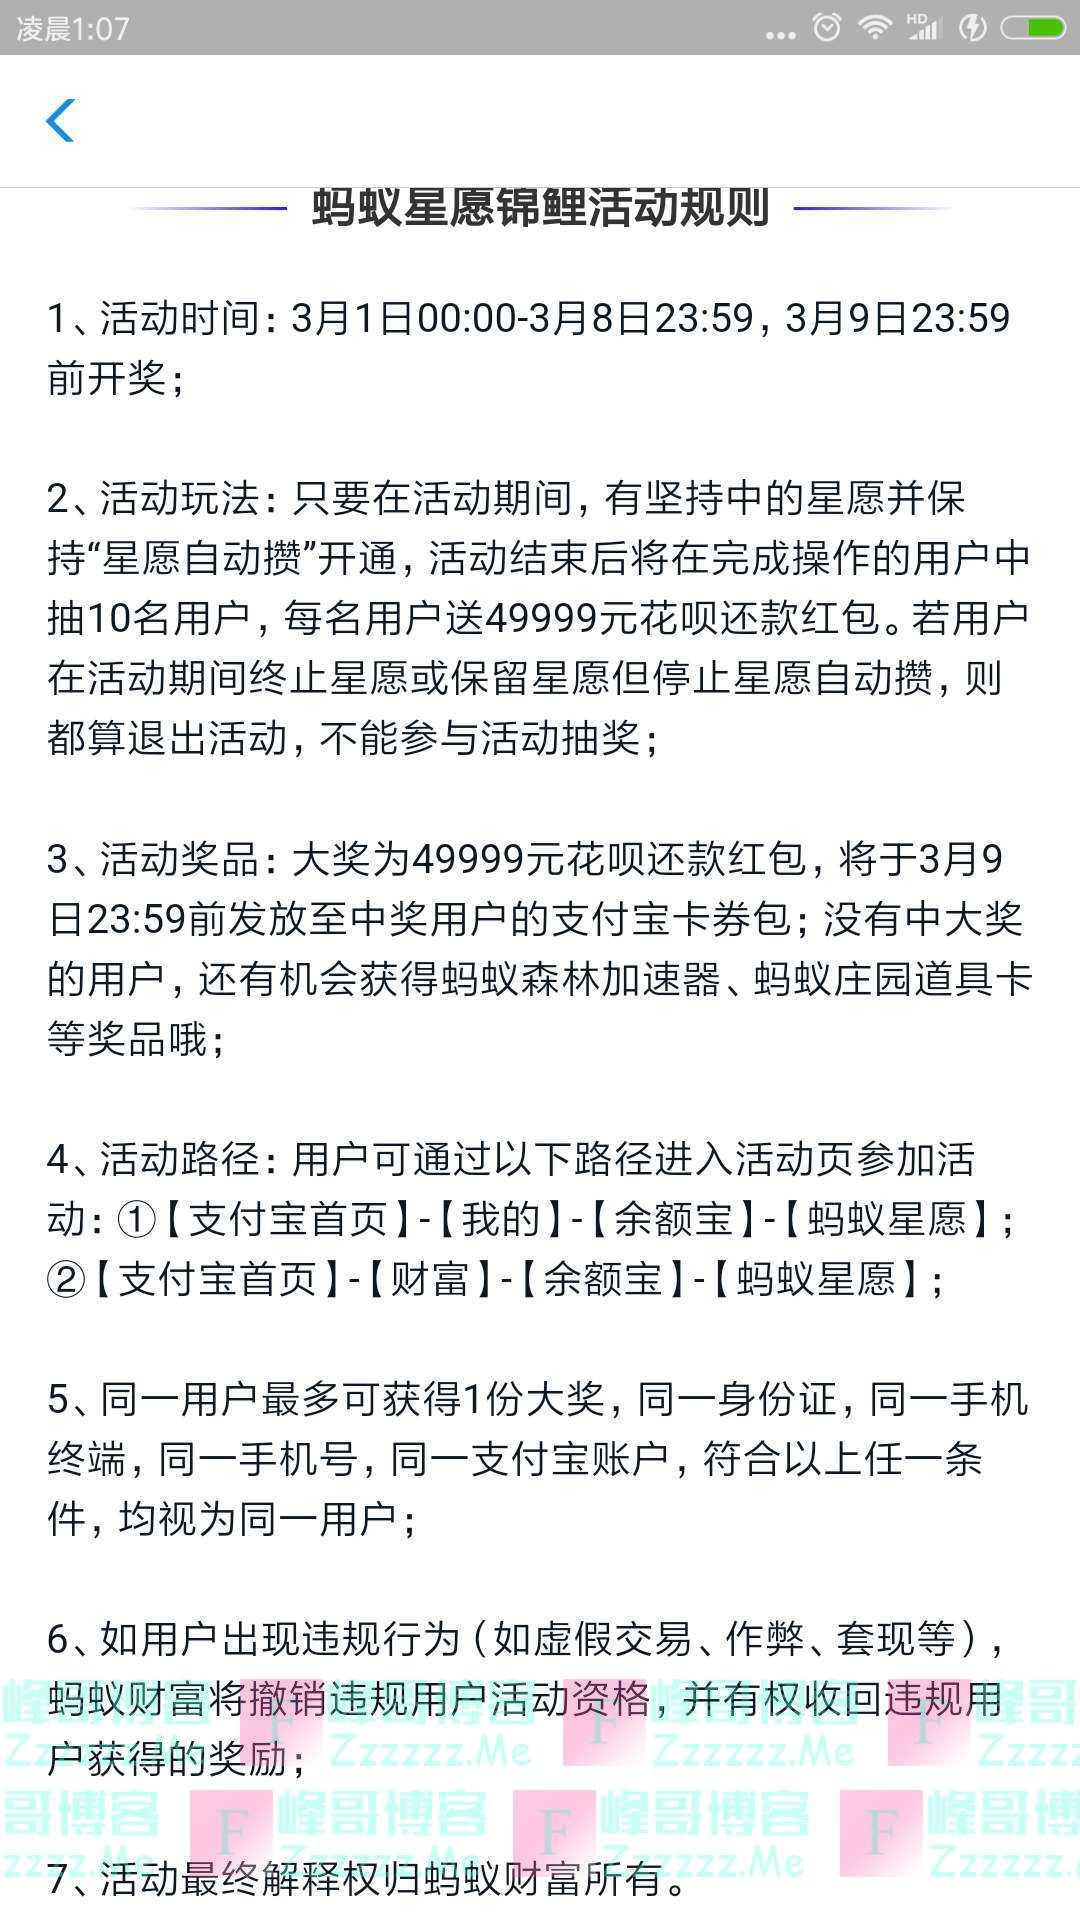 支付宝蚂蚁星愿锦鲤活动(截止3月8日)